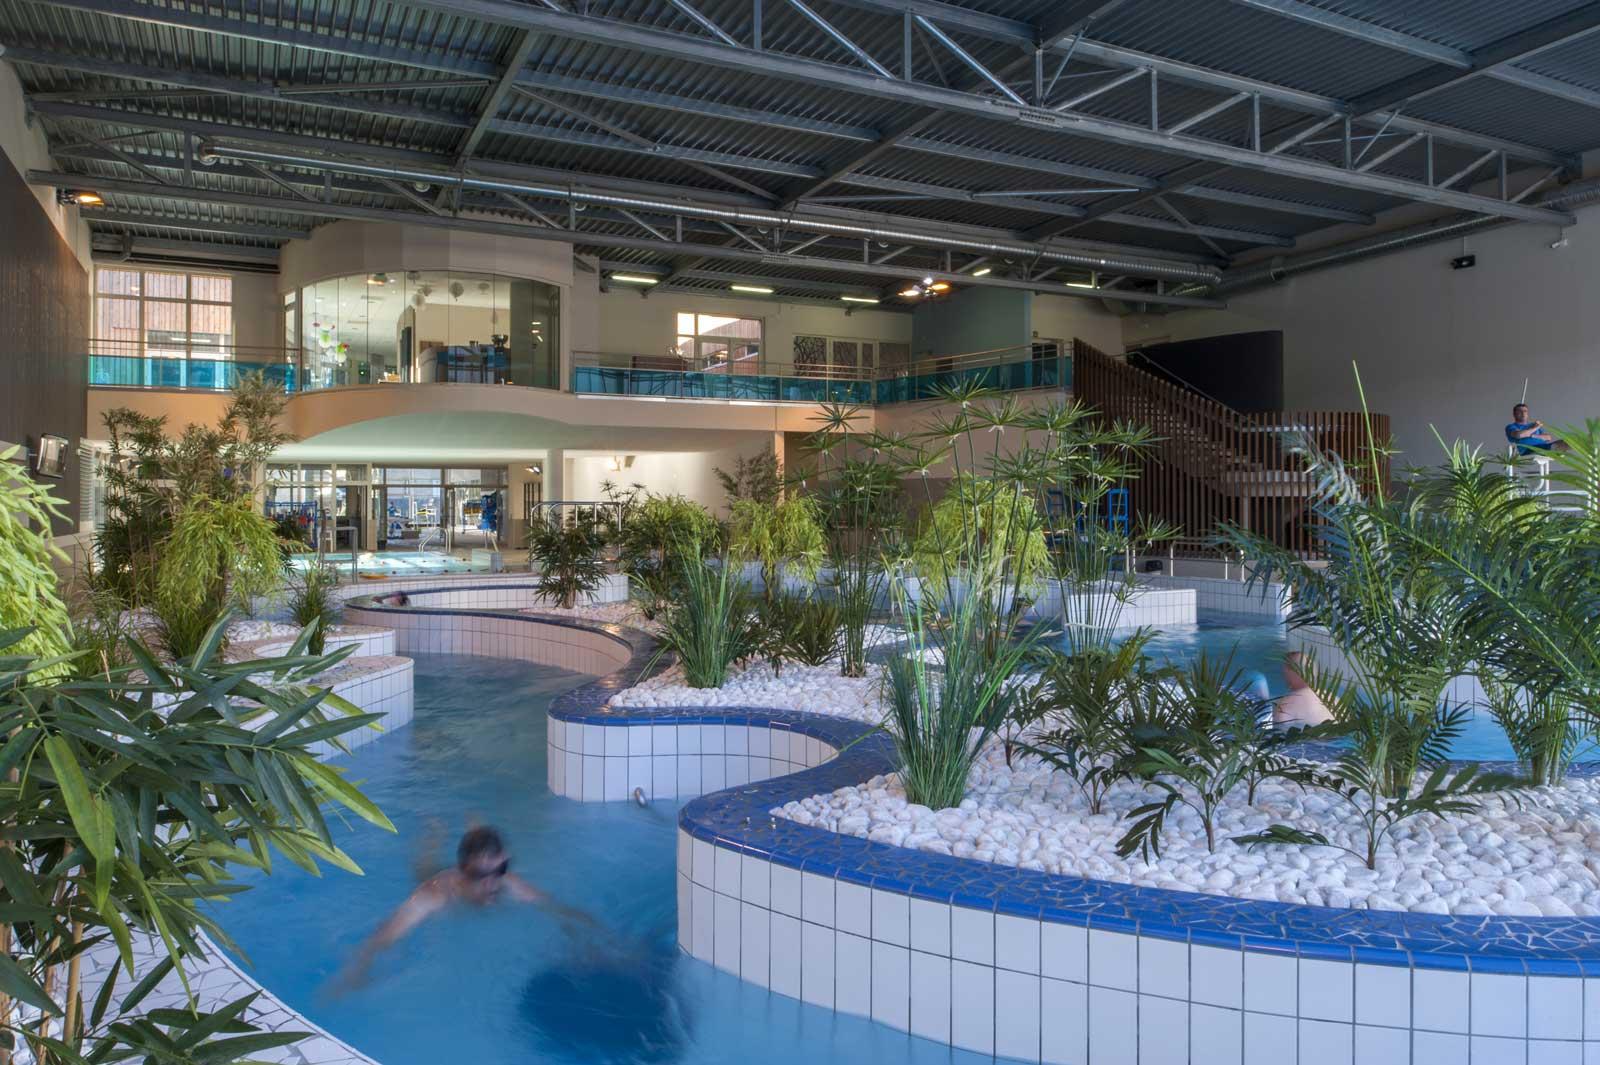 La Piscine - Espace Aquatique - Ville De Brive concernant Horaire Piscine Brive